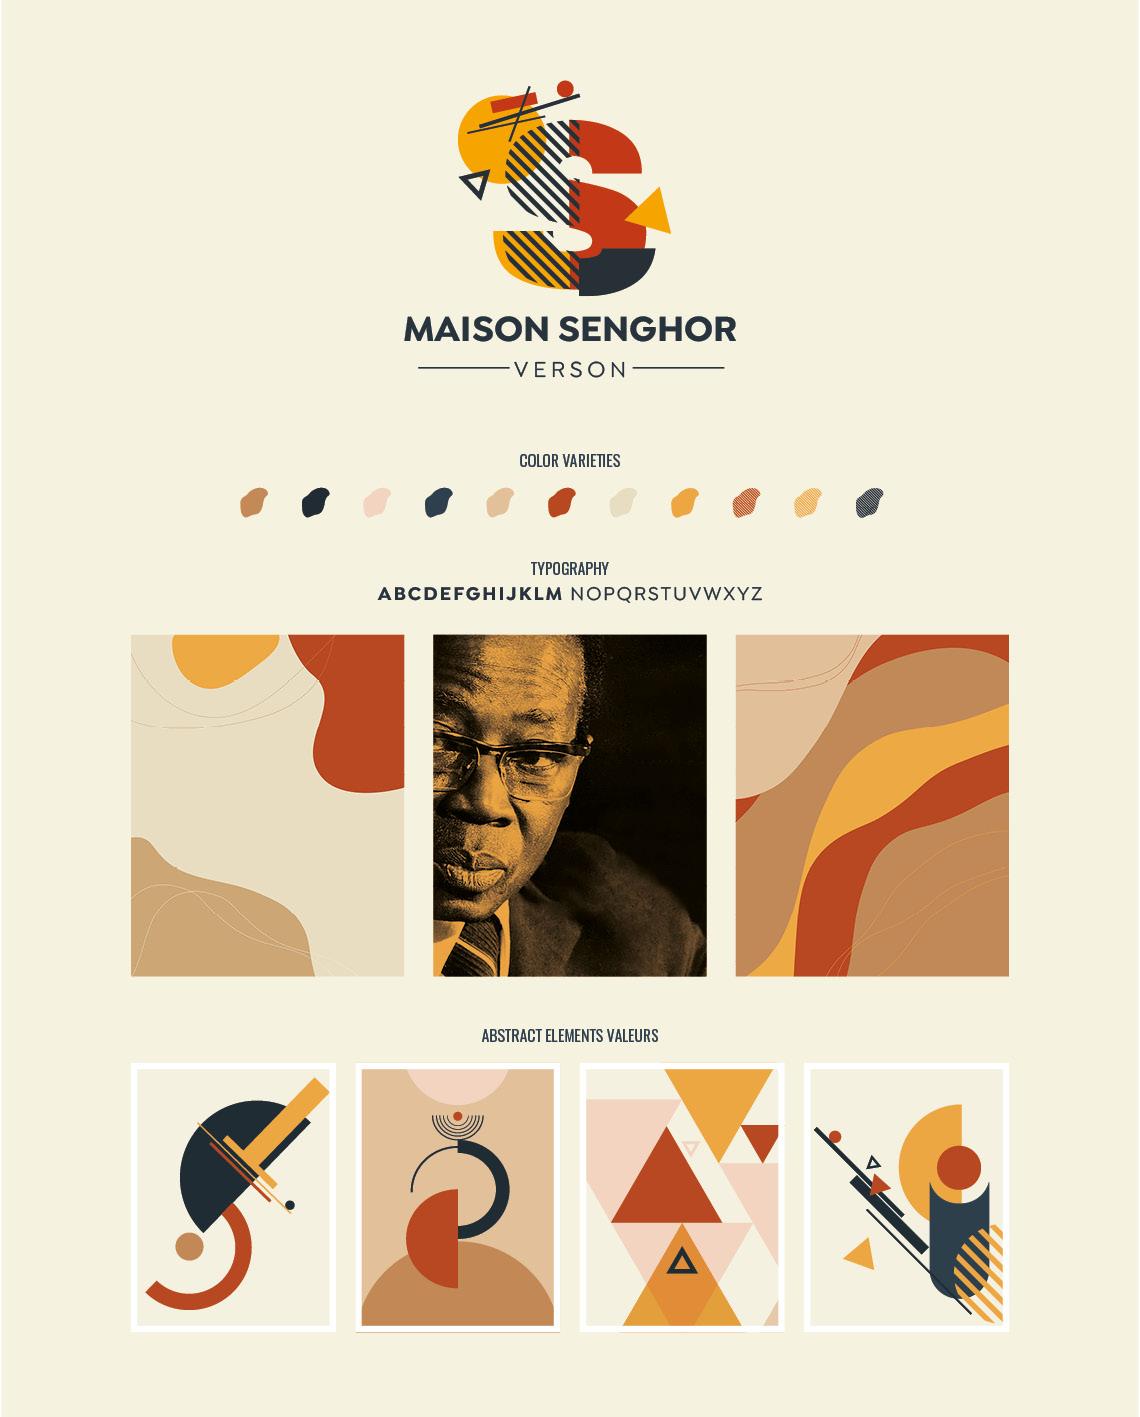 VERSON SENGHOR ©Trois Petits Points Communication